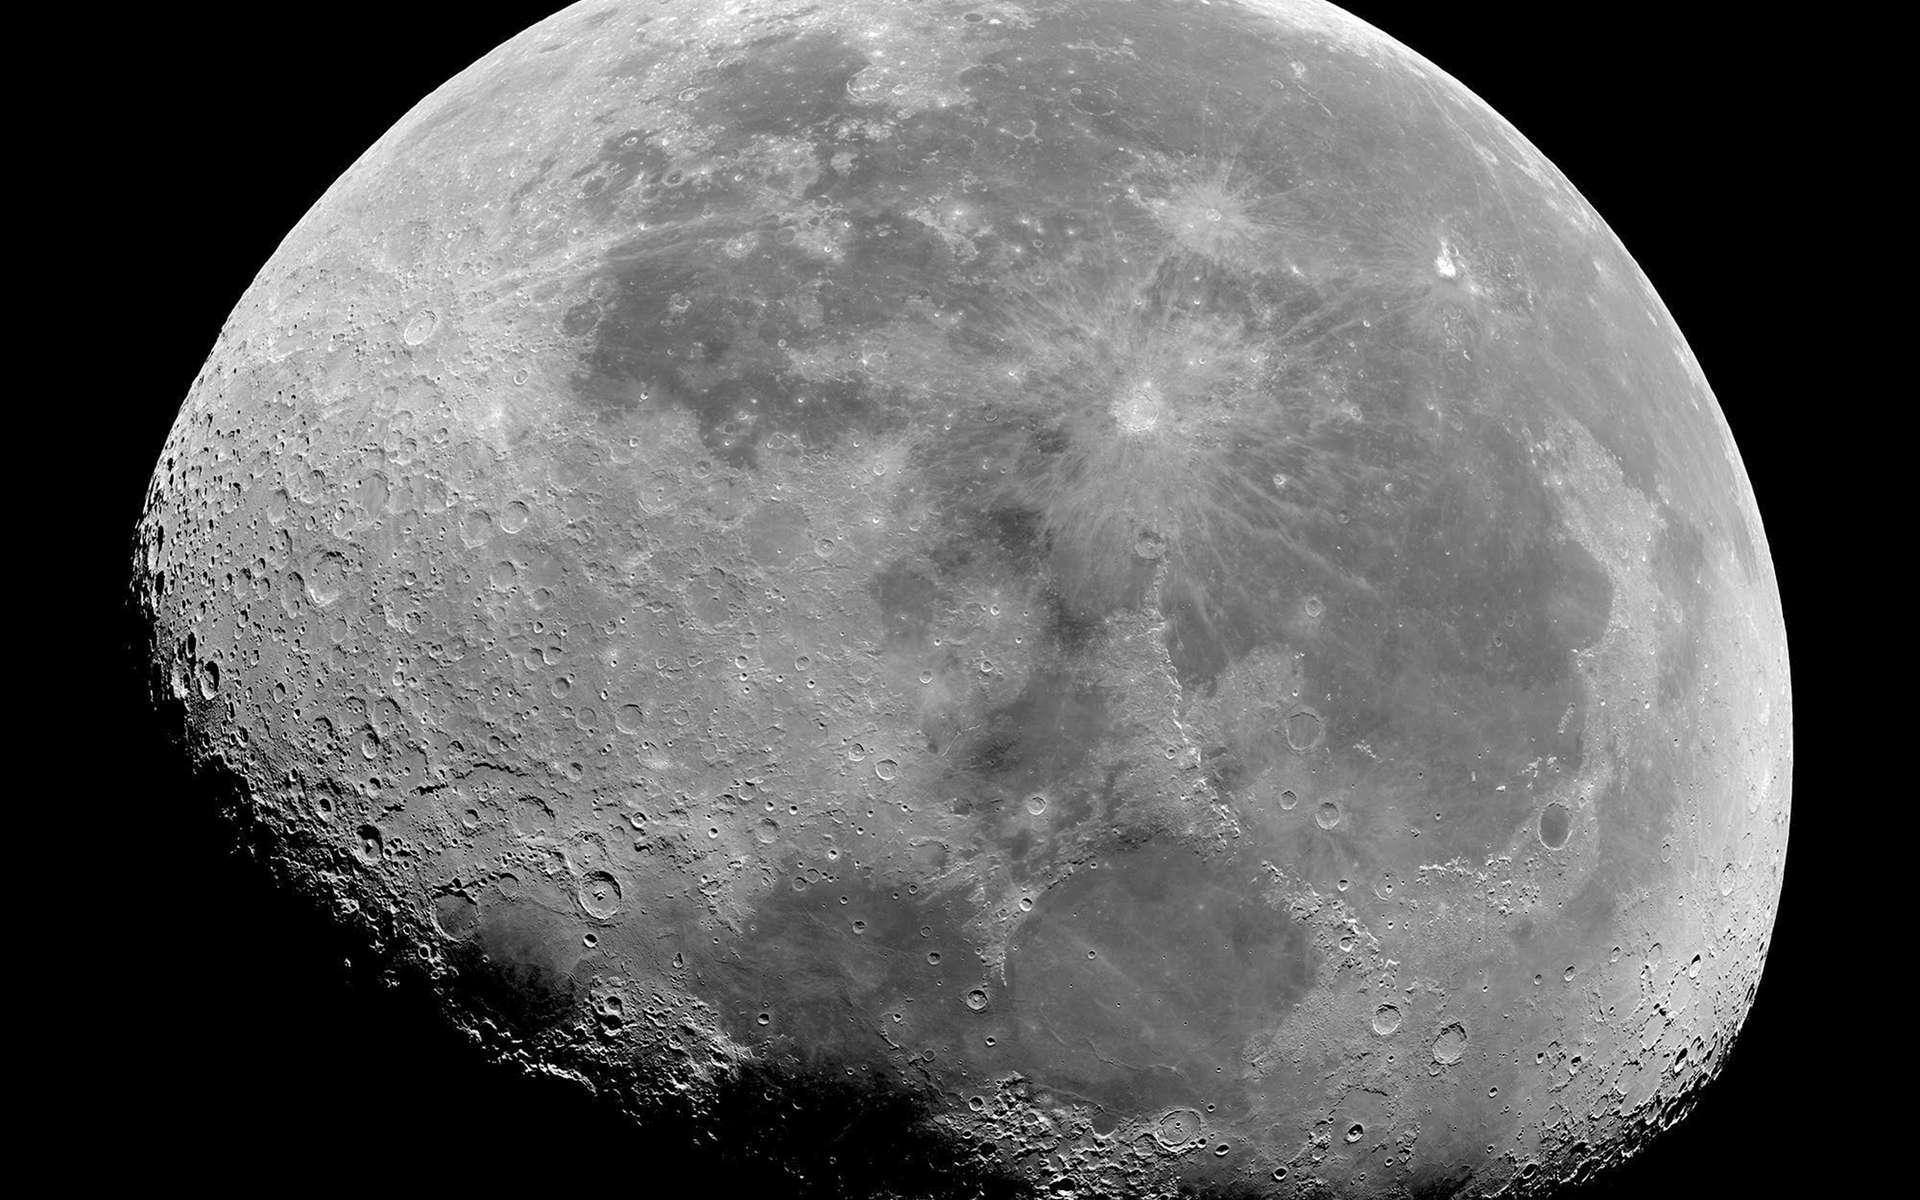 Image de la Lune acquise par le satellite Pléiades Neo 3 le 29 juin 2021. En bas, le terminateur : la lumière rasante et les ombres accentuent le relief des cratères. © Pléiades Neo, Airbus DS 2021